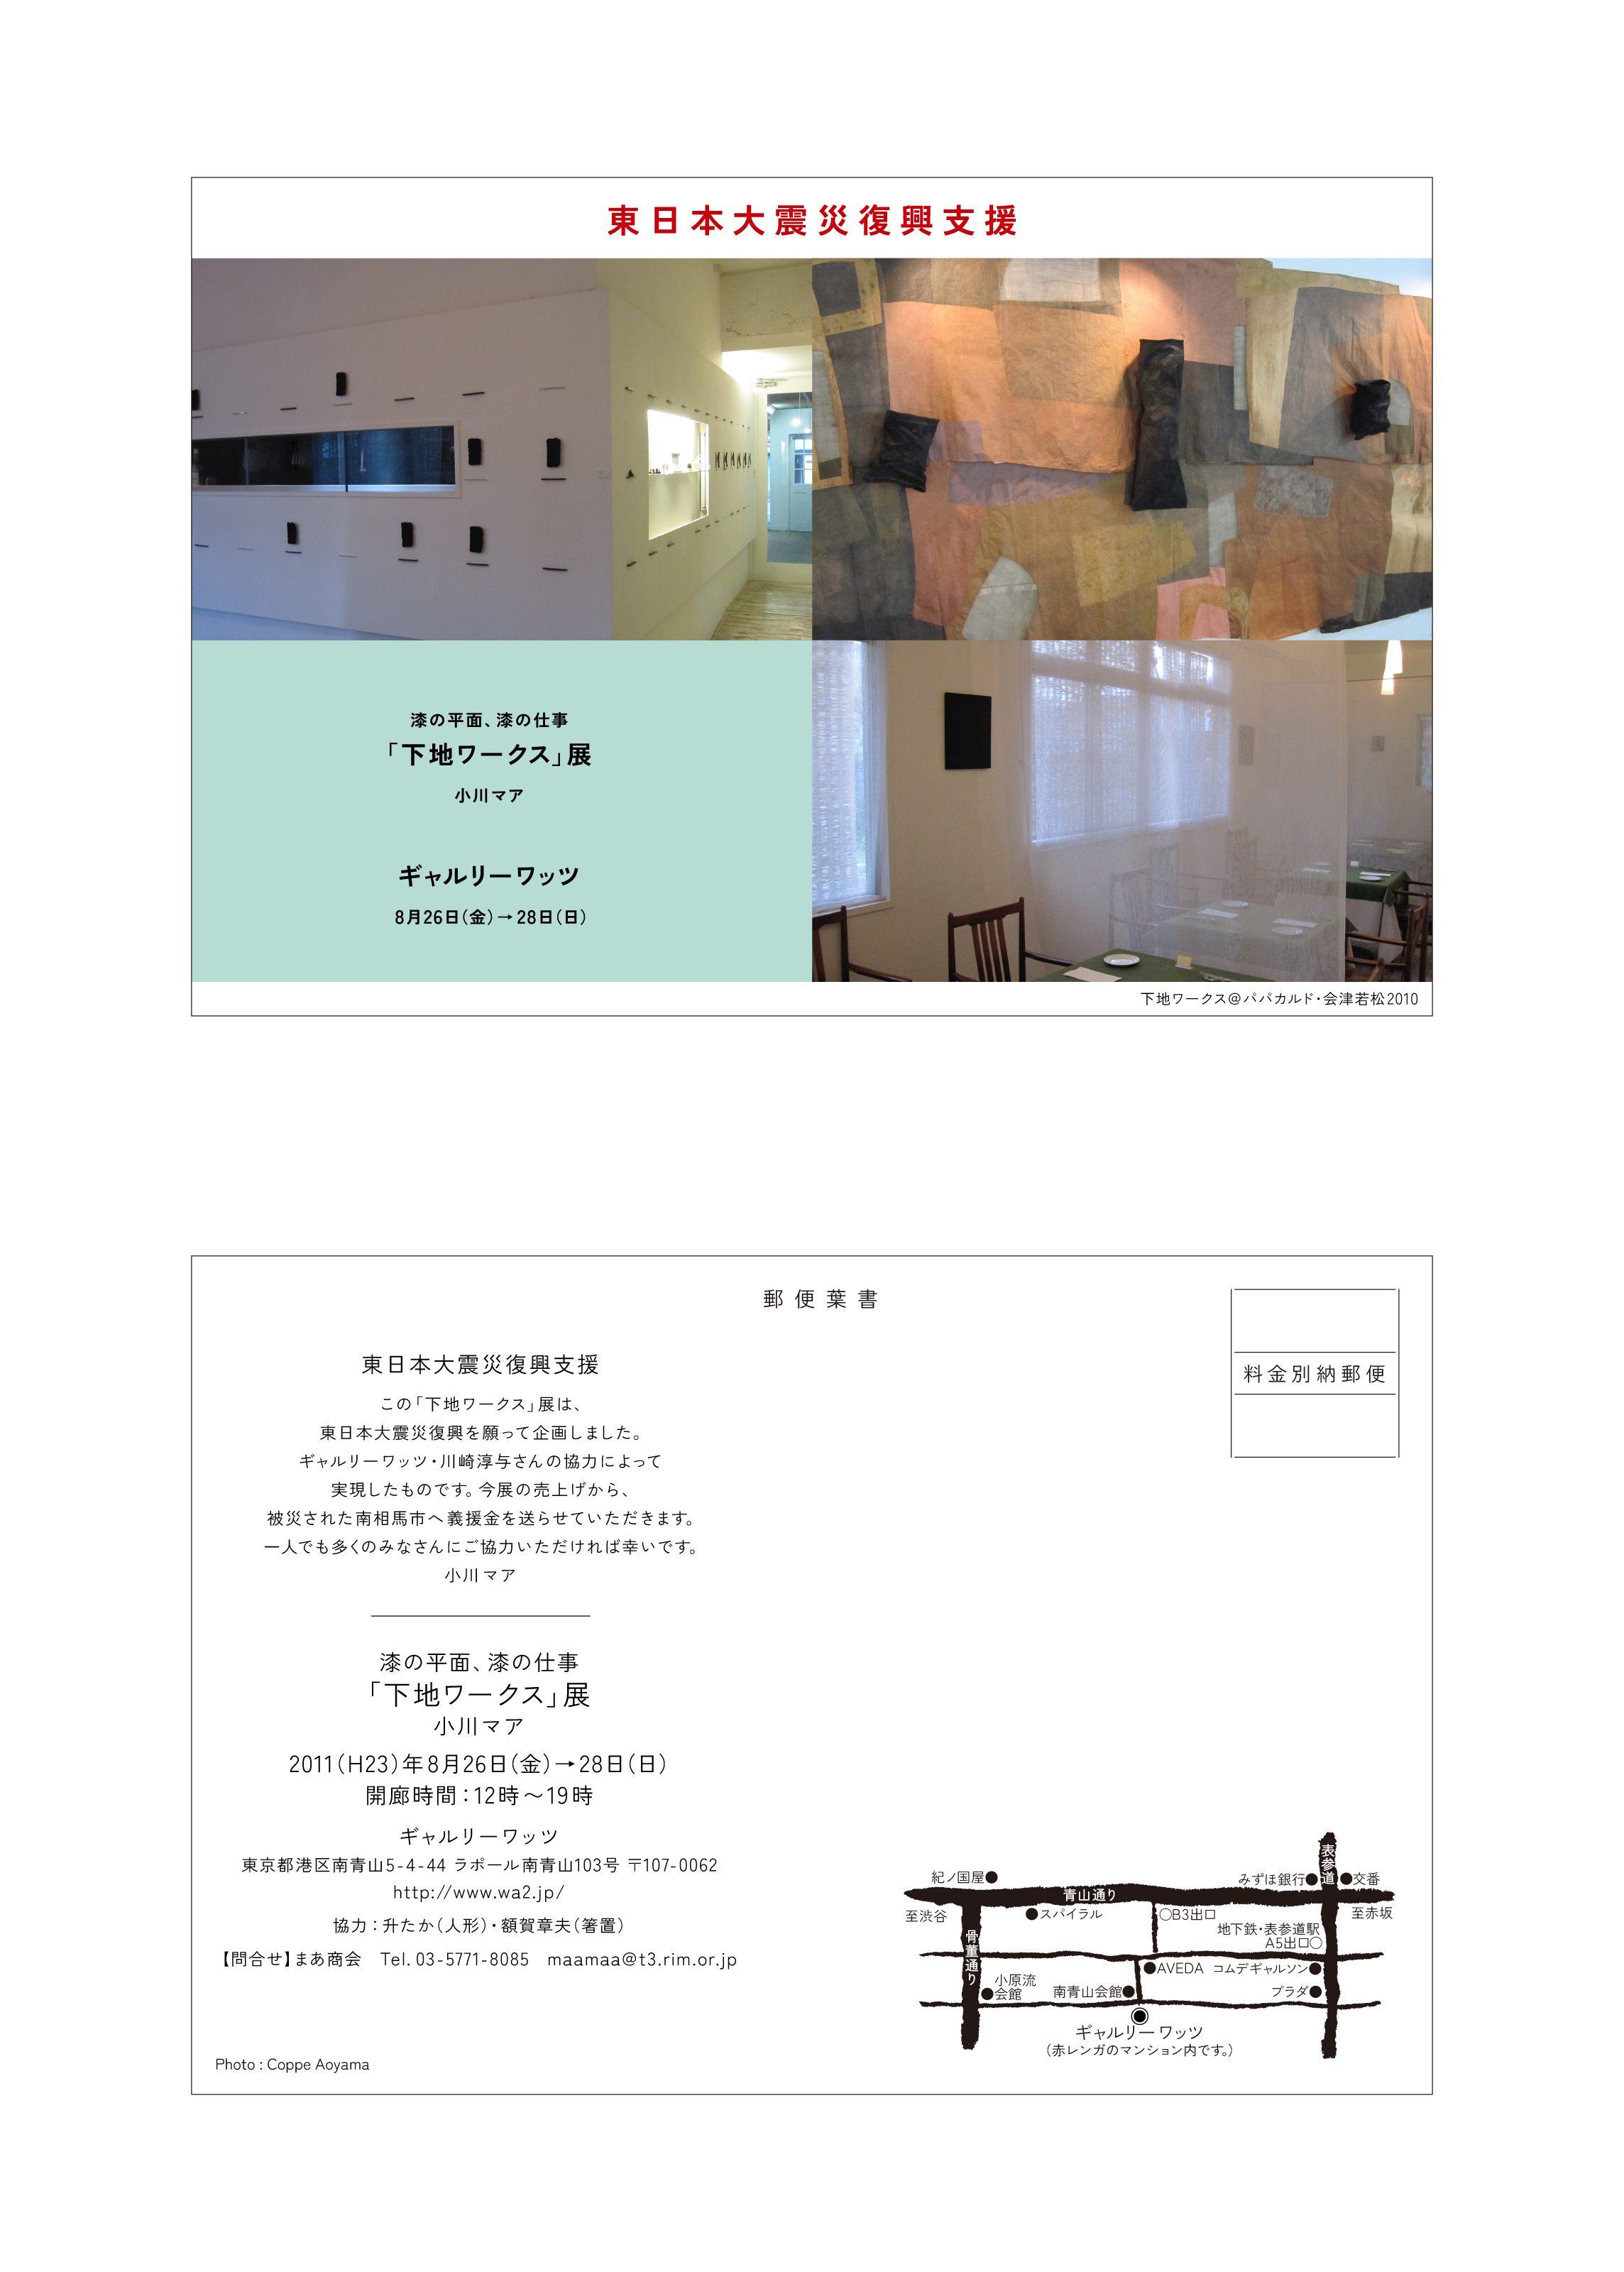 小川マアさんの個展のお知らせです_b0132442_14325916.jpg